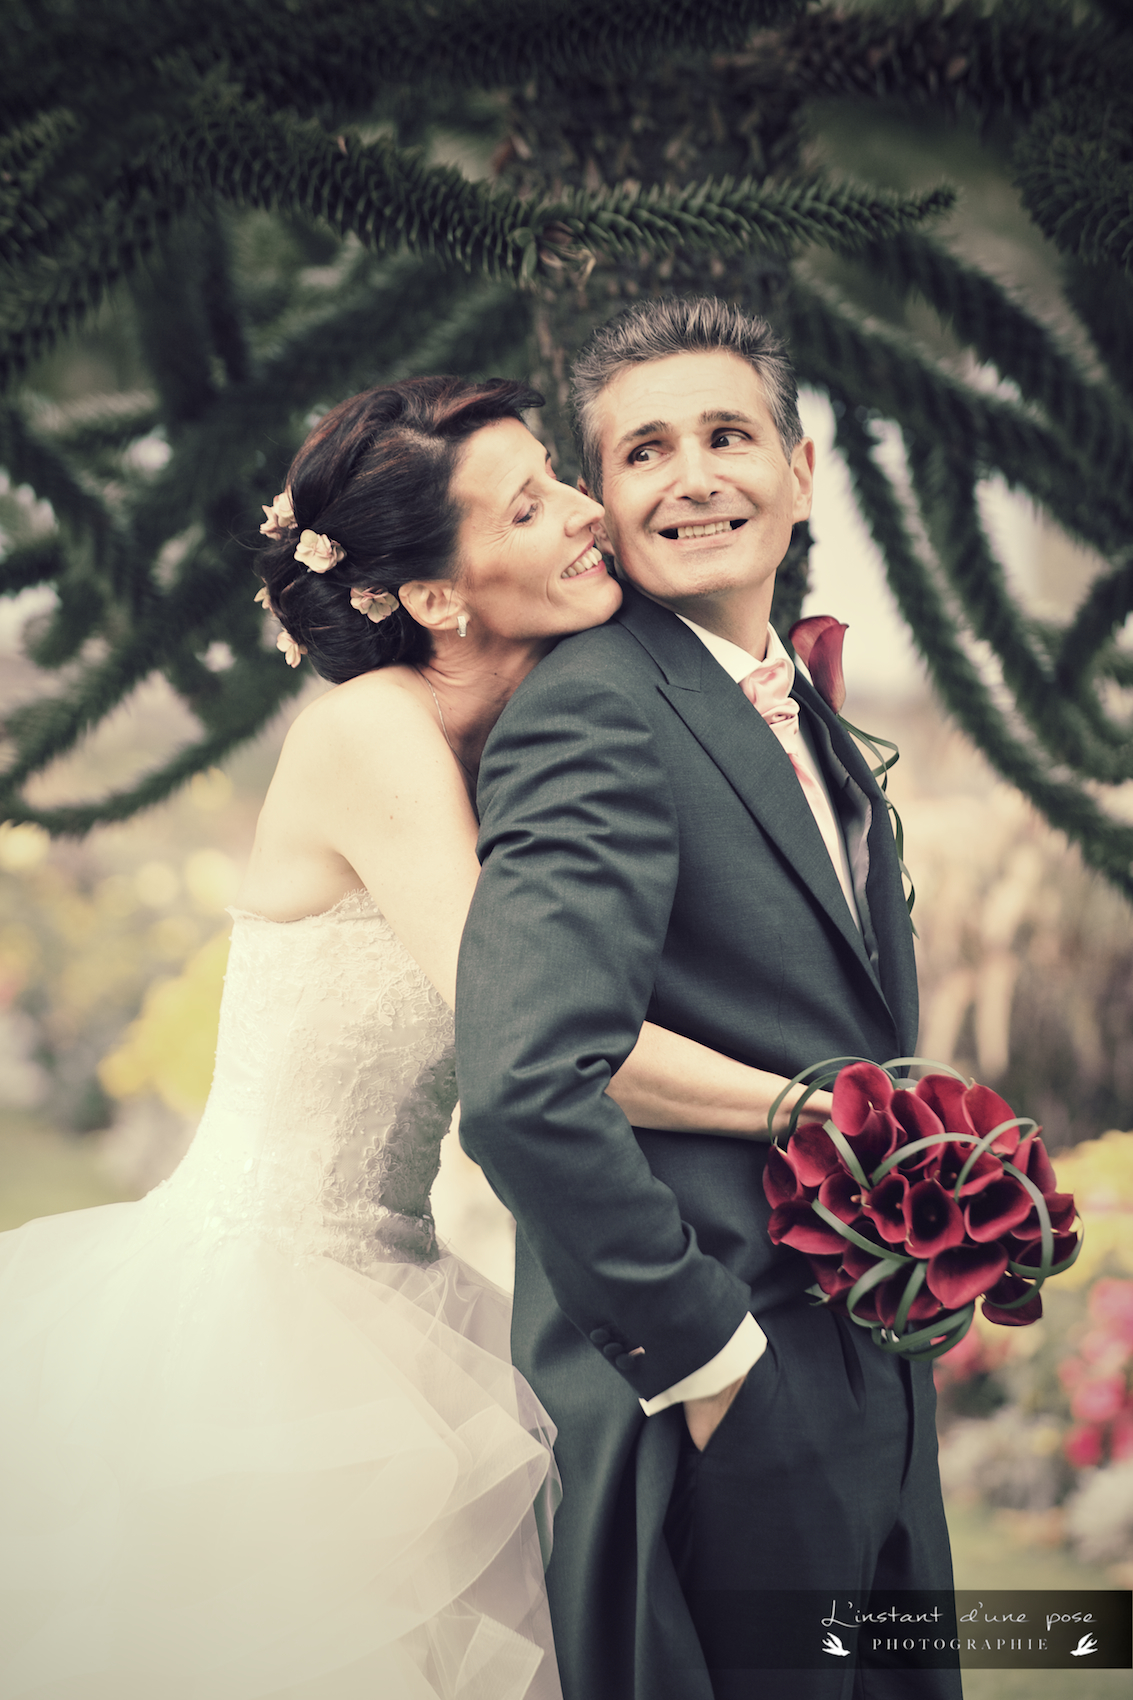 A&N_les mariés 173